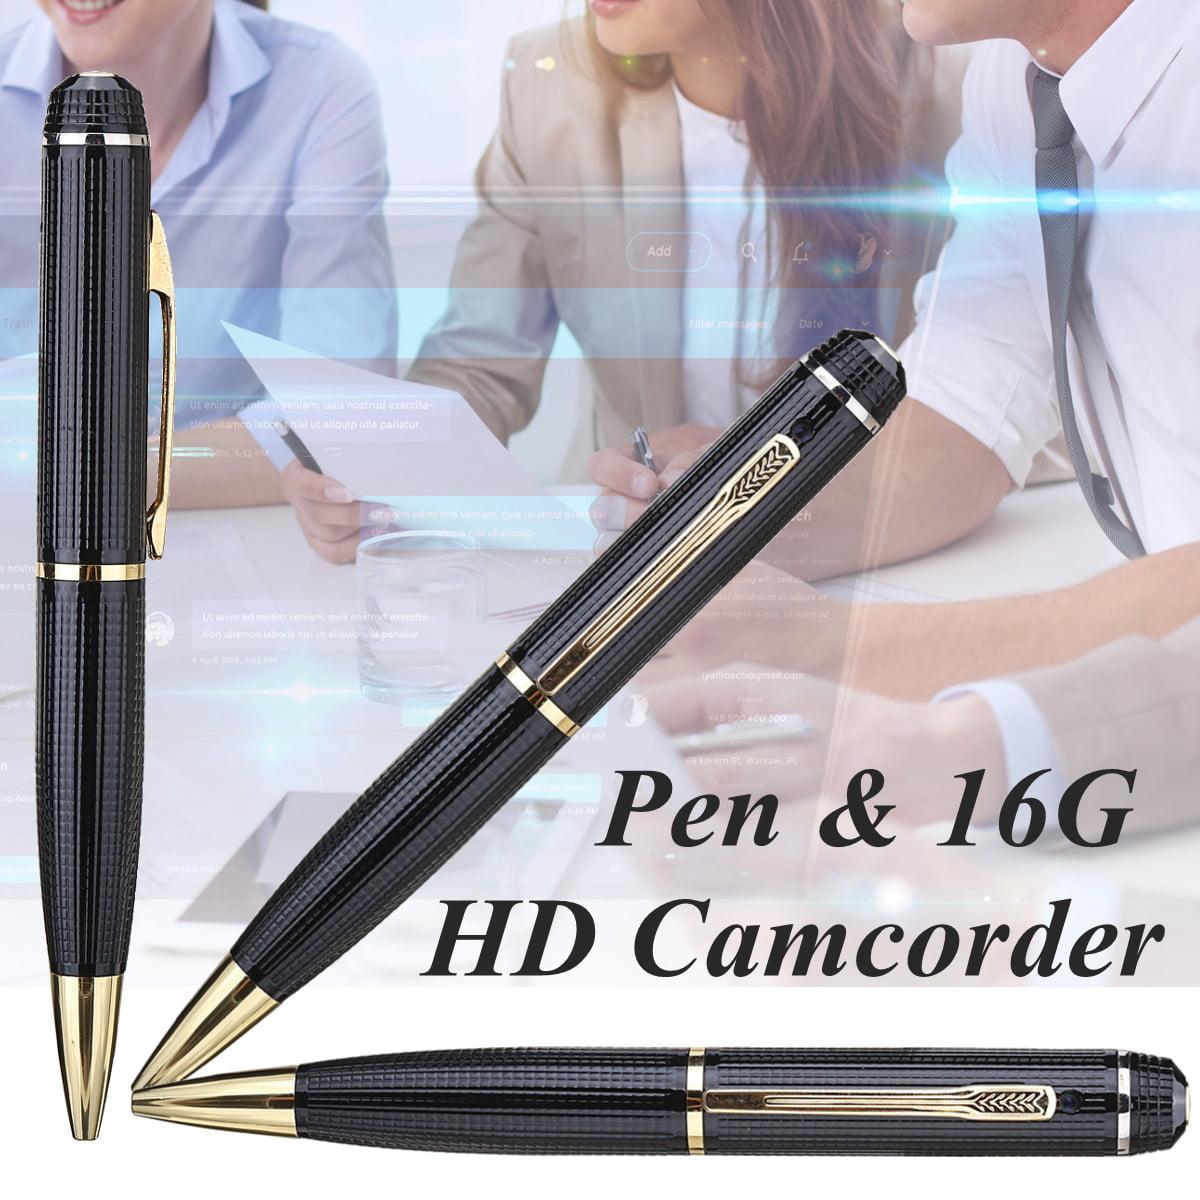 Full HD1080P 16GB REC Pen USB Camera 5 Mega Pixels Nanny Video/Voice Hidden Recorder Camera Record Sound 16GB TF card Support Max 32G